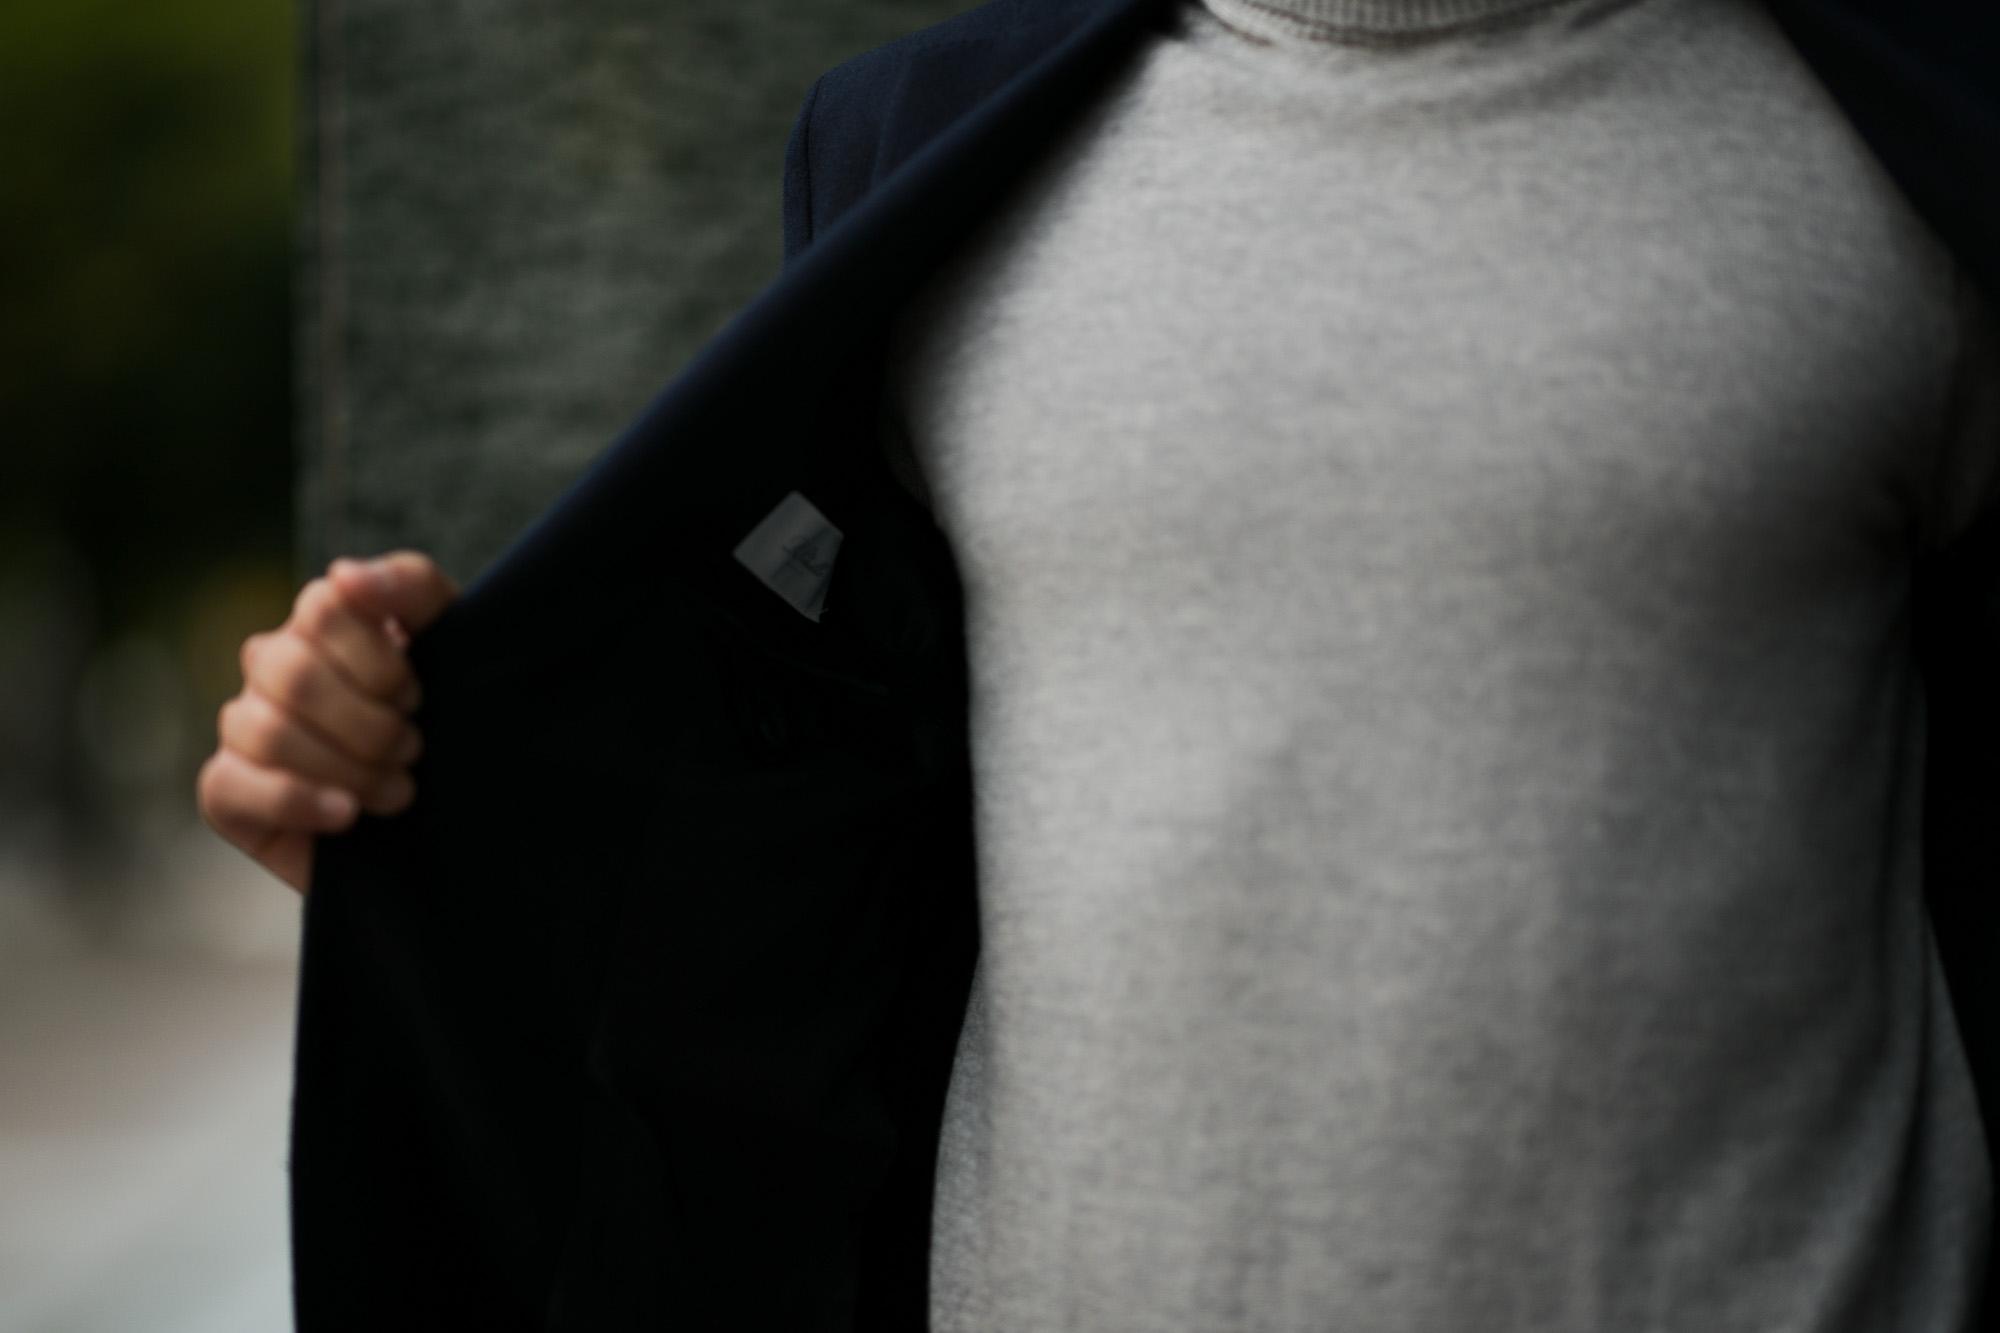 De Petrillo (デ ペトリロ) NAPOLI Posillipo (ナポリ ポジリポ) カシミア モールスキン 段返り3B ジャケット NAVY (ネイビー・359) Made in italy (イタリア製) 2019 秋冬新作 depetrillo デペトリロ 愛知 名古屋 altoediritto アルトエデリット